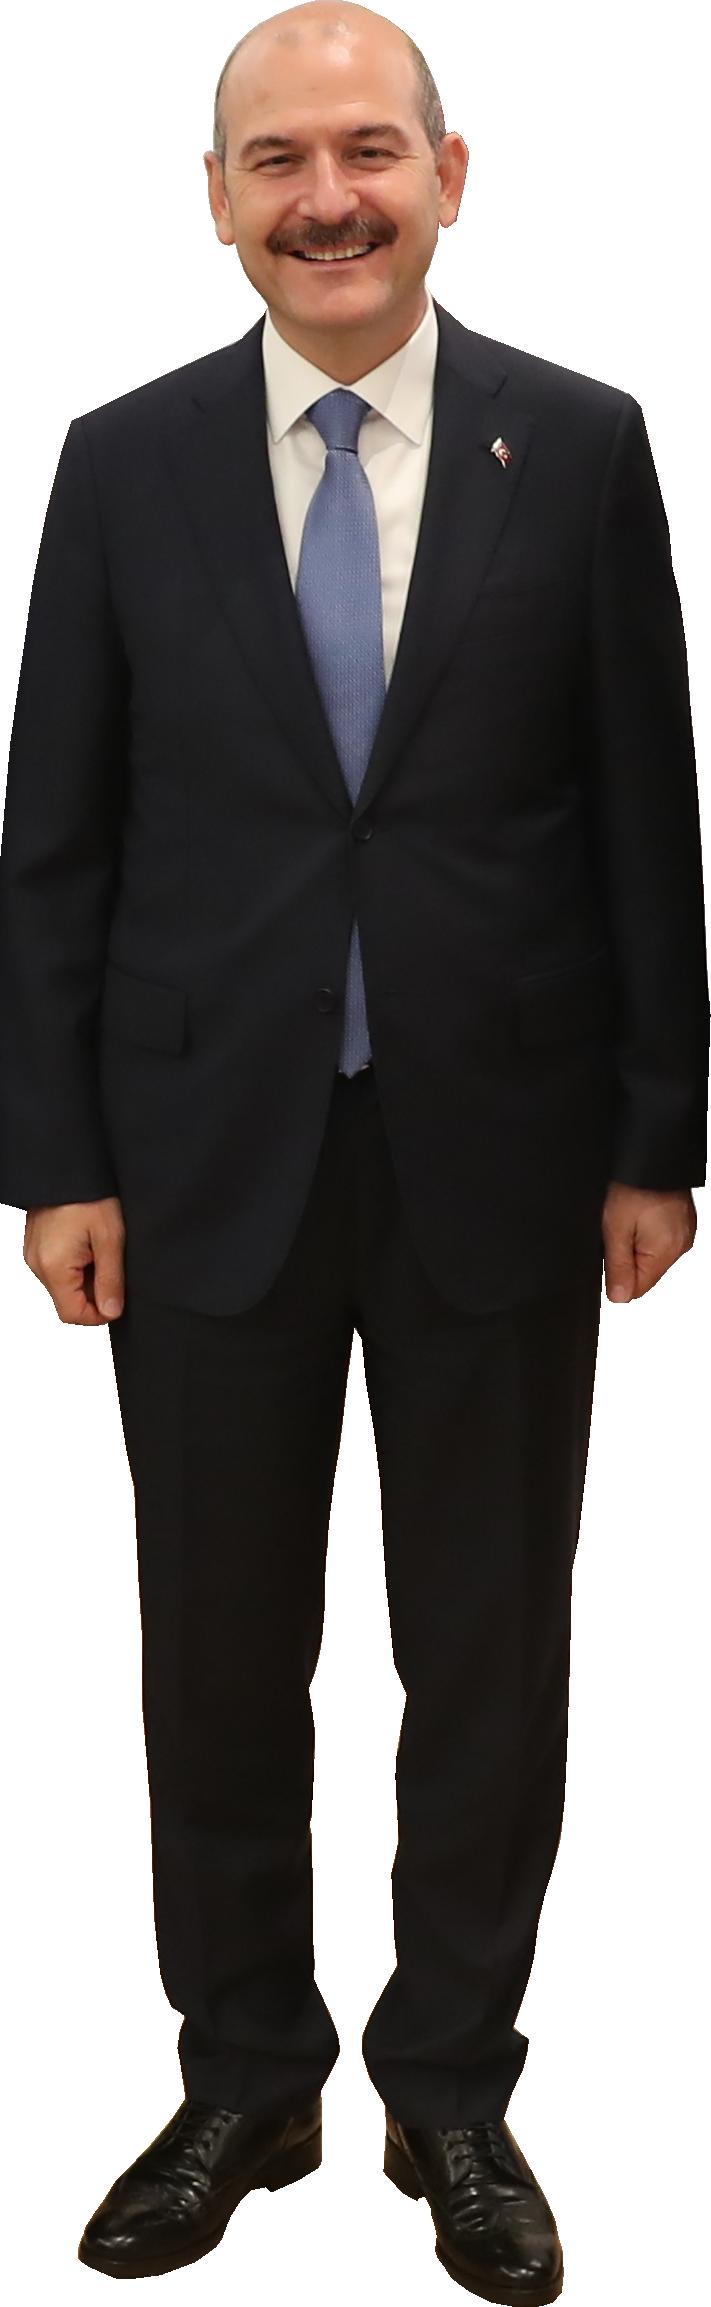 süleyman soylu boy fotoğrafı